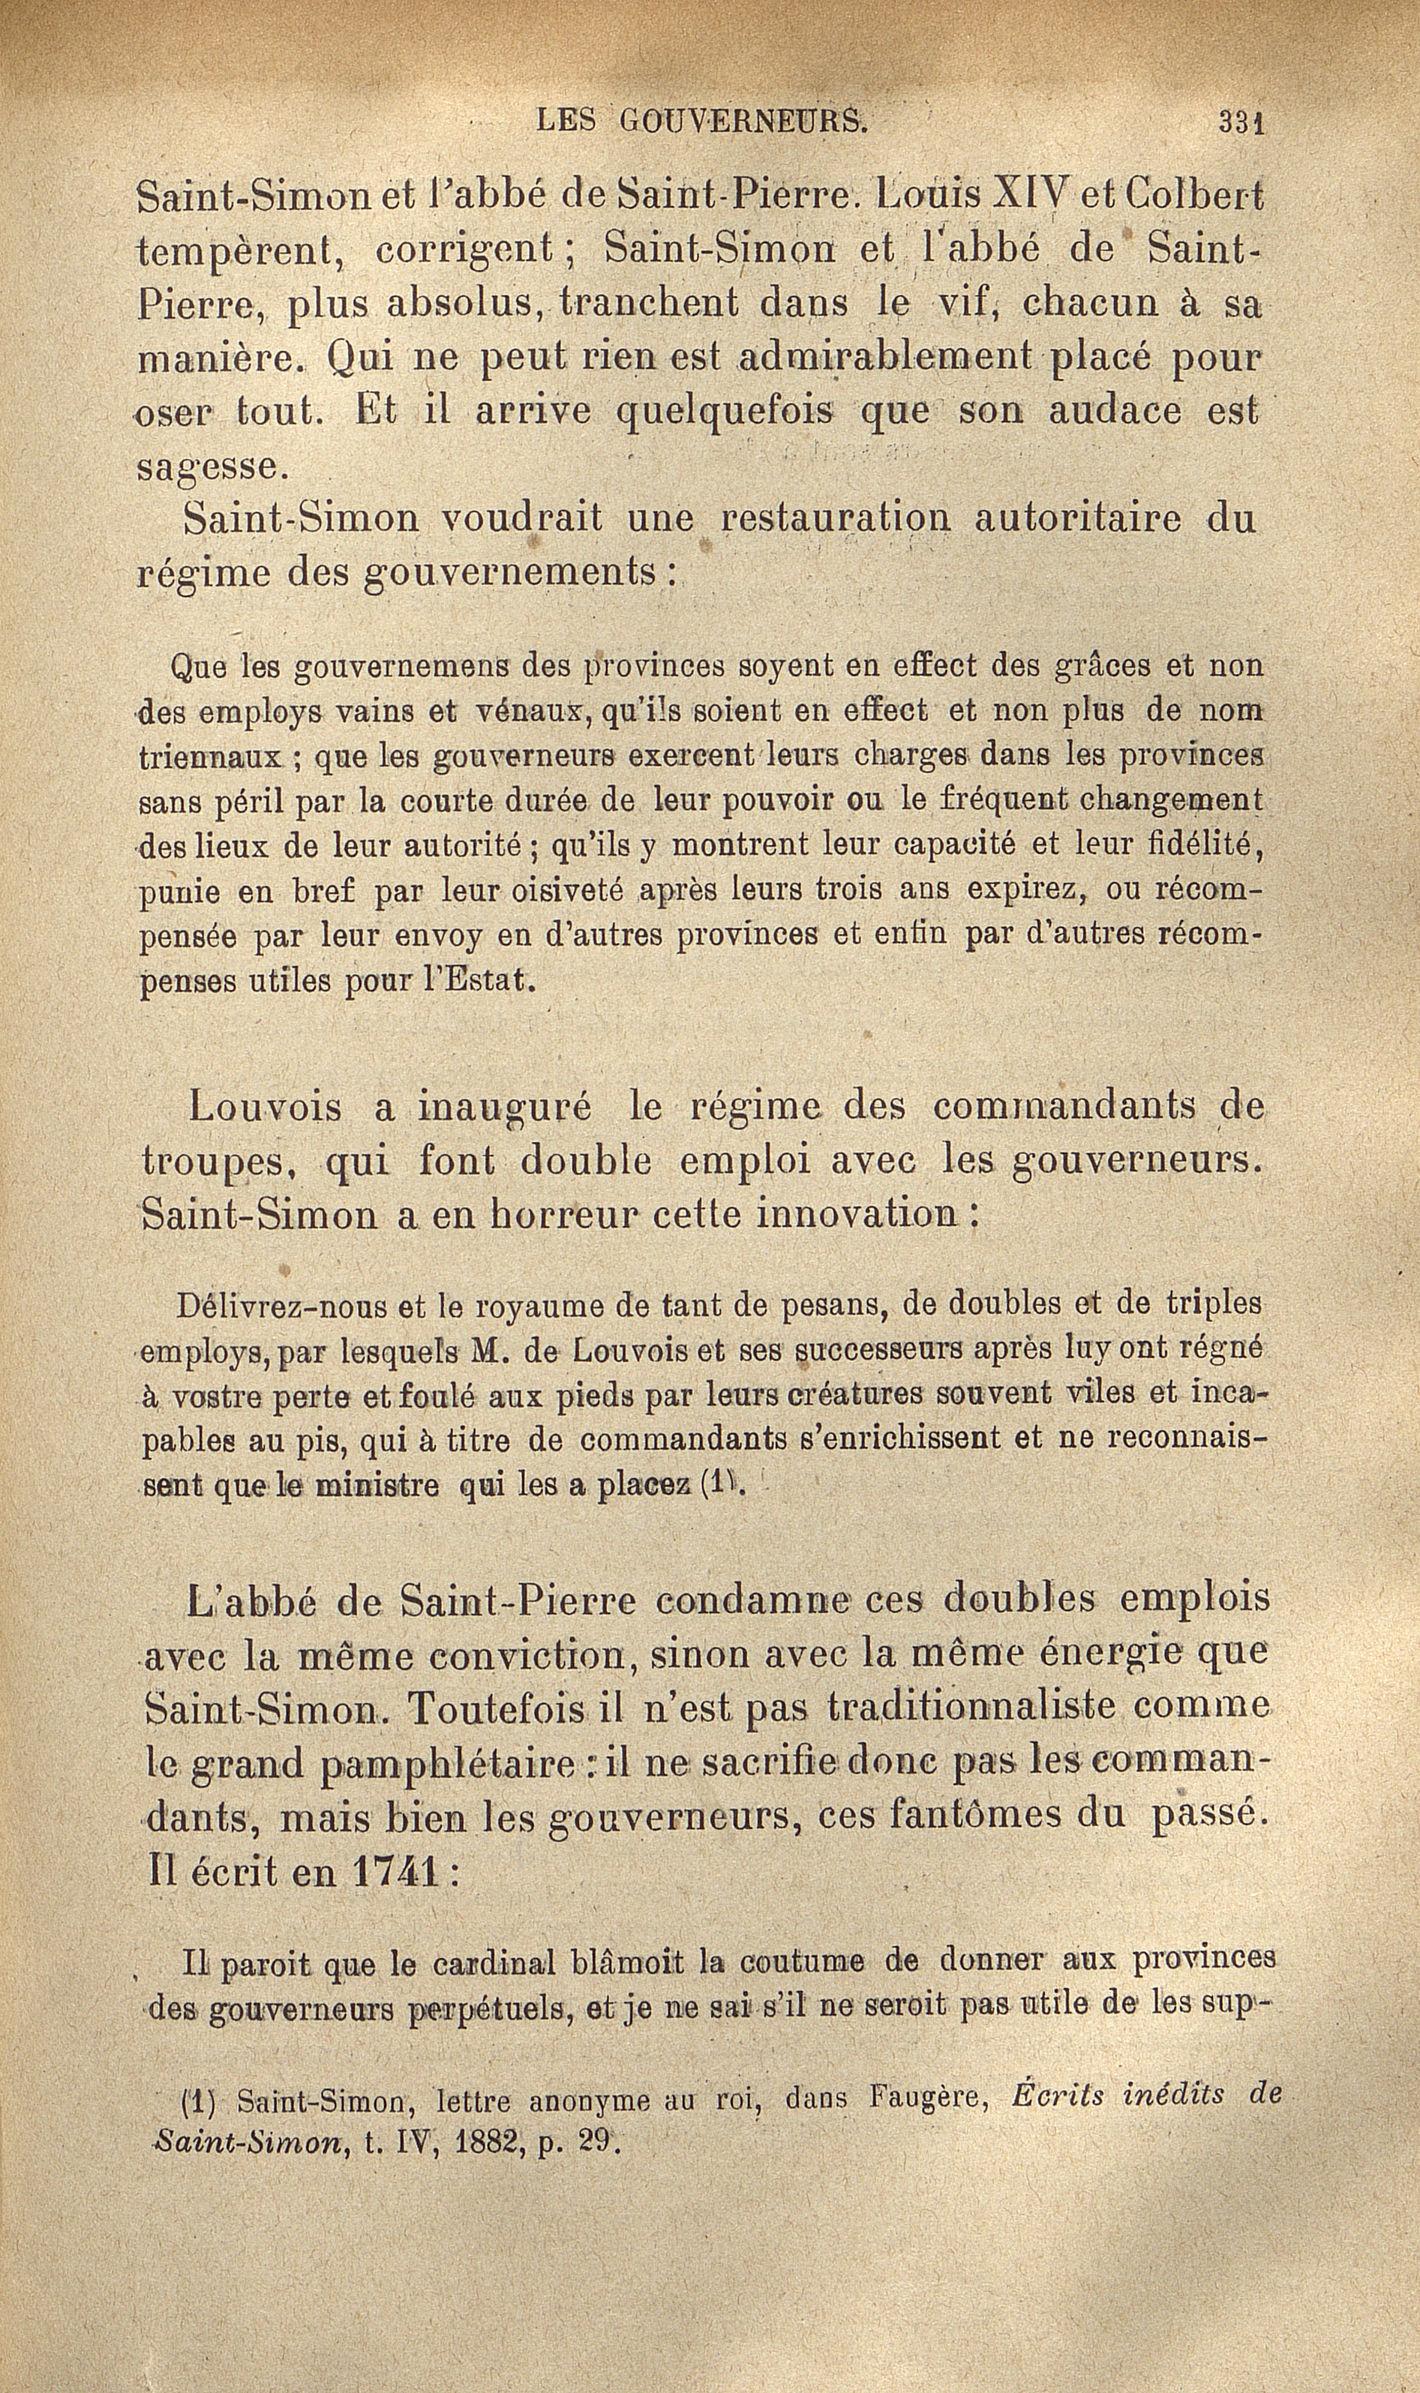 http://expo-paulviollet.univ-paris1.fr/wp-content/uploads/2016/02/0605381272_0345.jpg